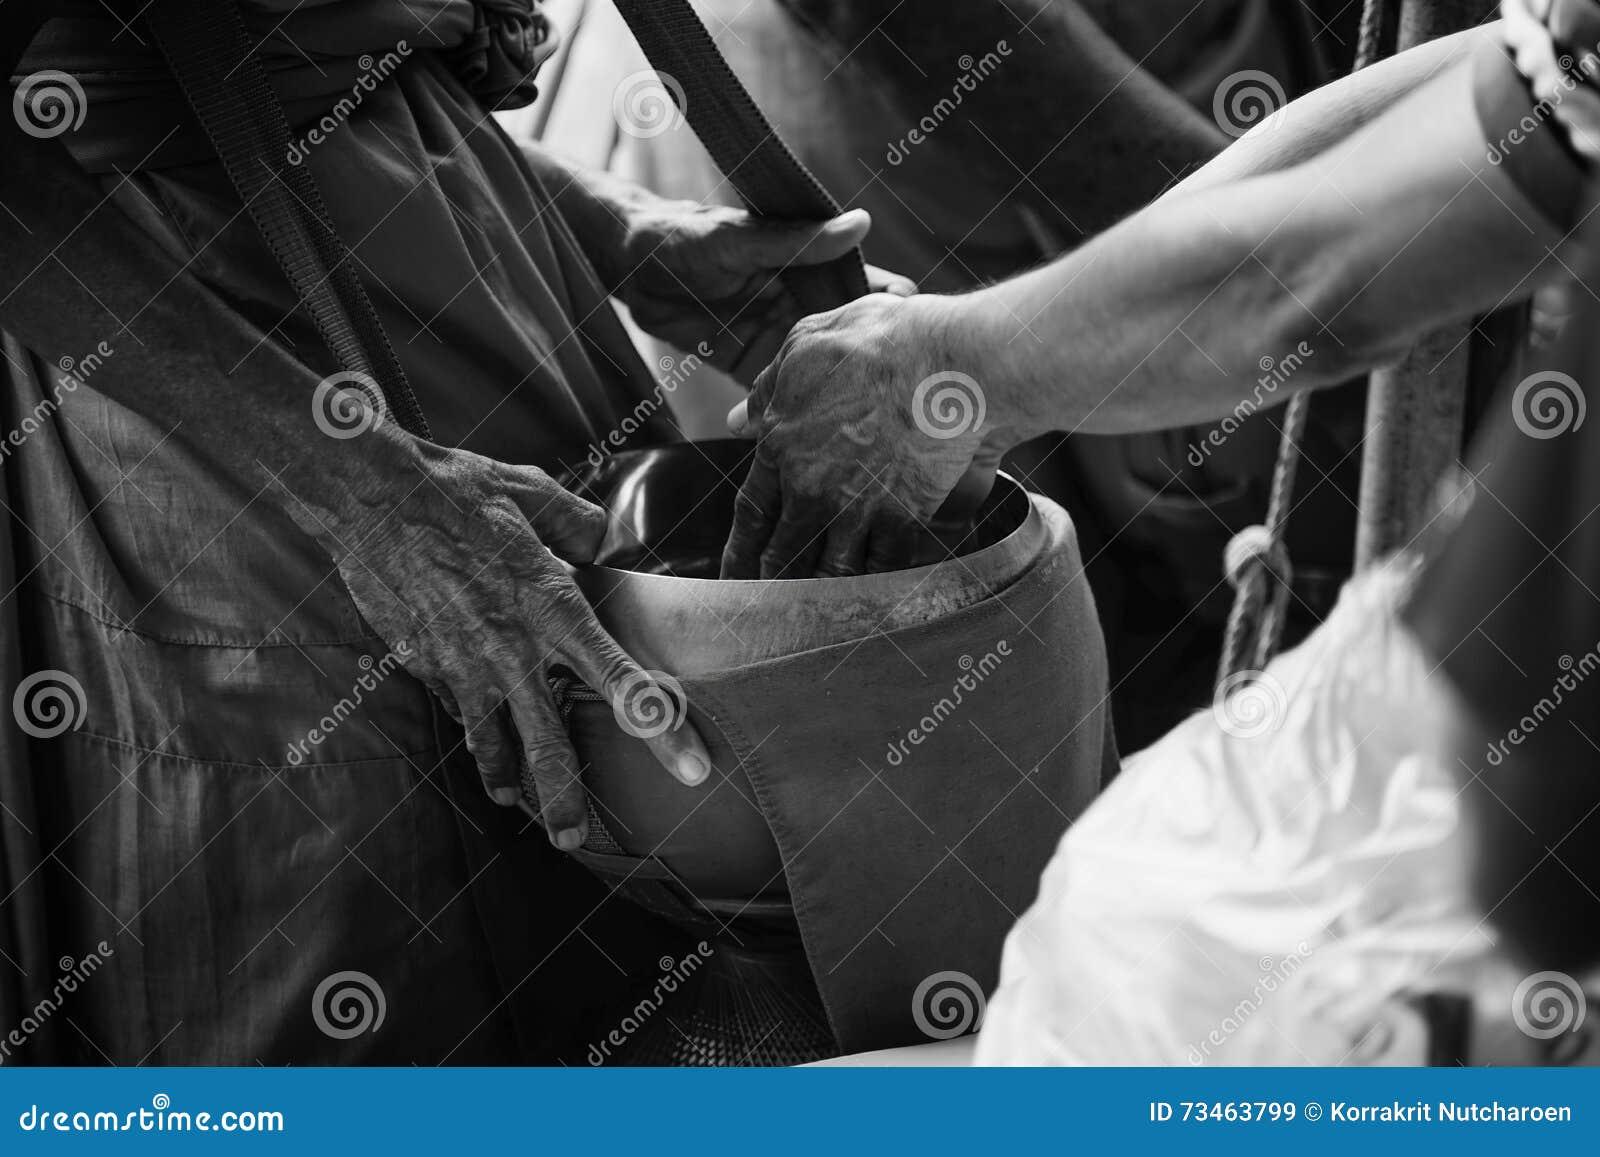 La main deux du bouddhisme de personnes thaïlandaises donnent l aumône au moine dans la cuvette d aumône, style contrasté noir et